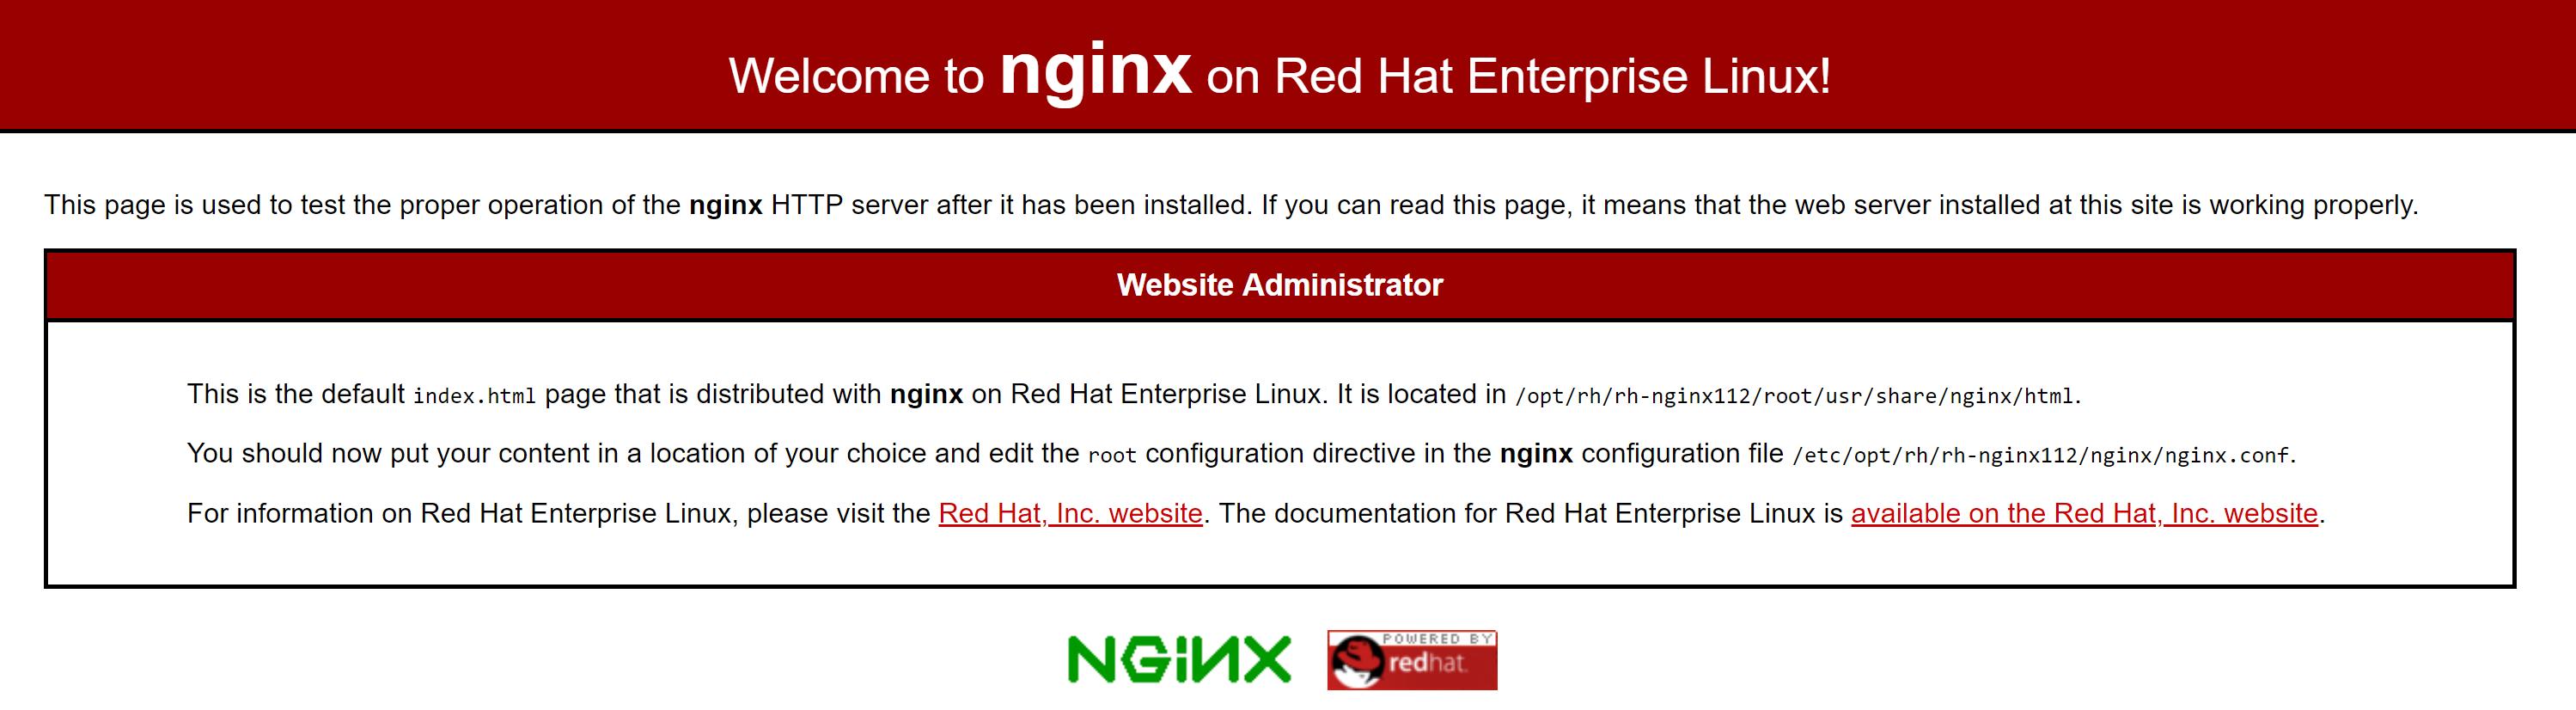 Página predeterminada de Nginx